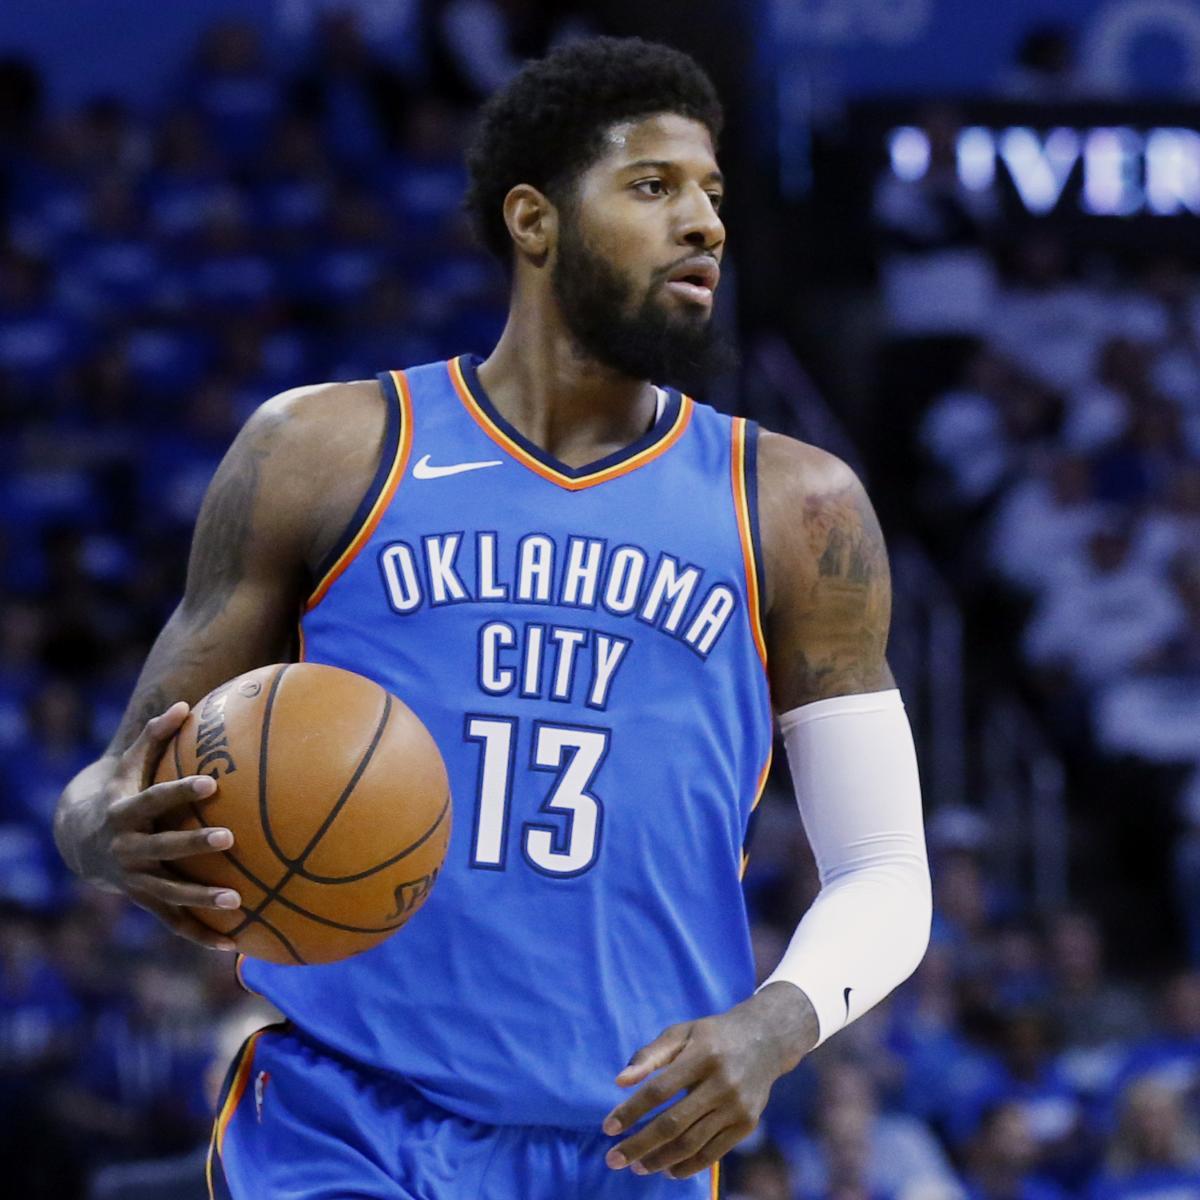 NBA Free Agents 2018: Rumors, Predictions for Paul George, DeAndre Jordan, More